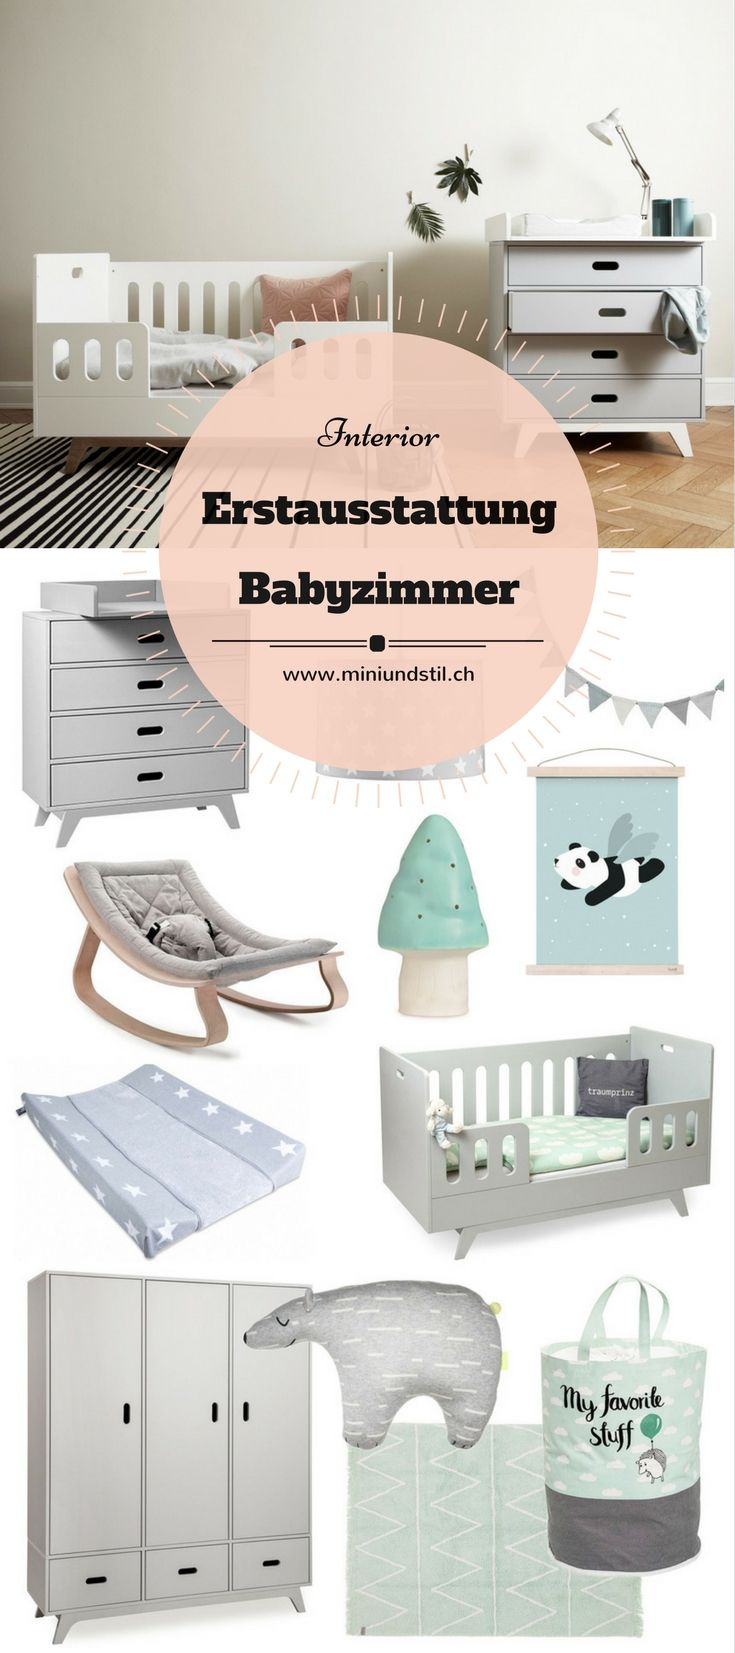 raumtemperatur babyzimmer groß images der bcdcfbbbdefdc